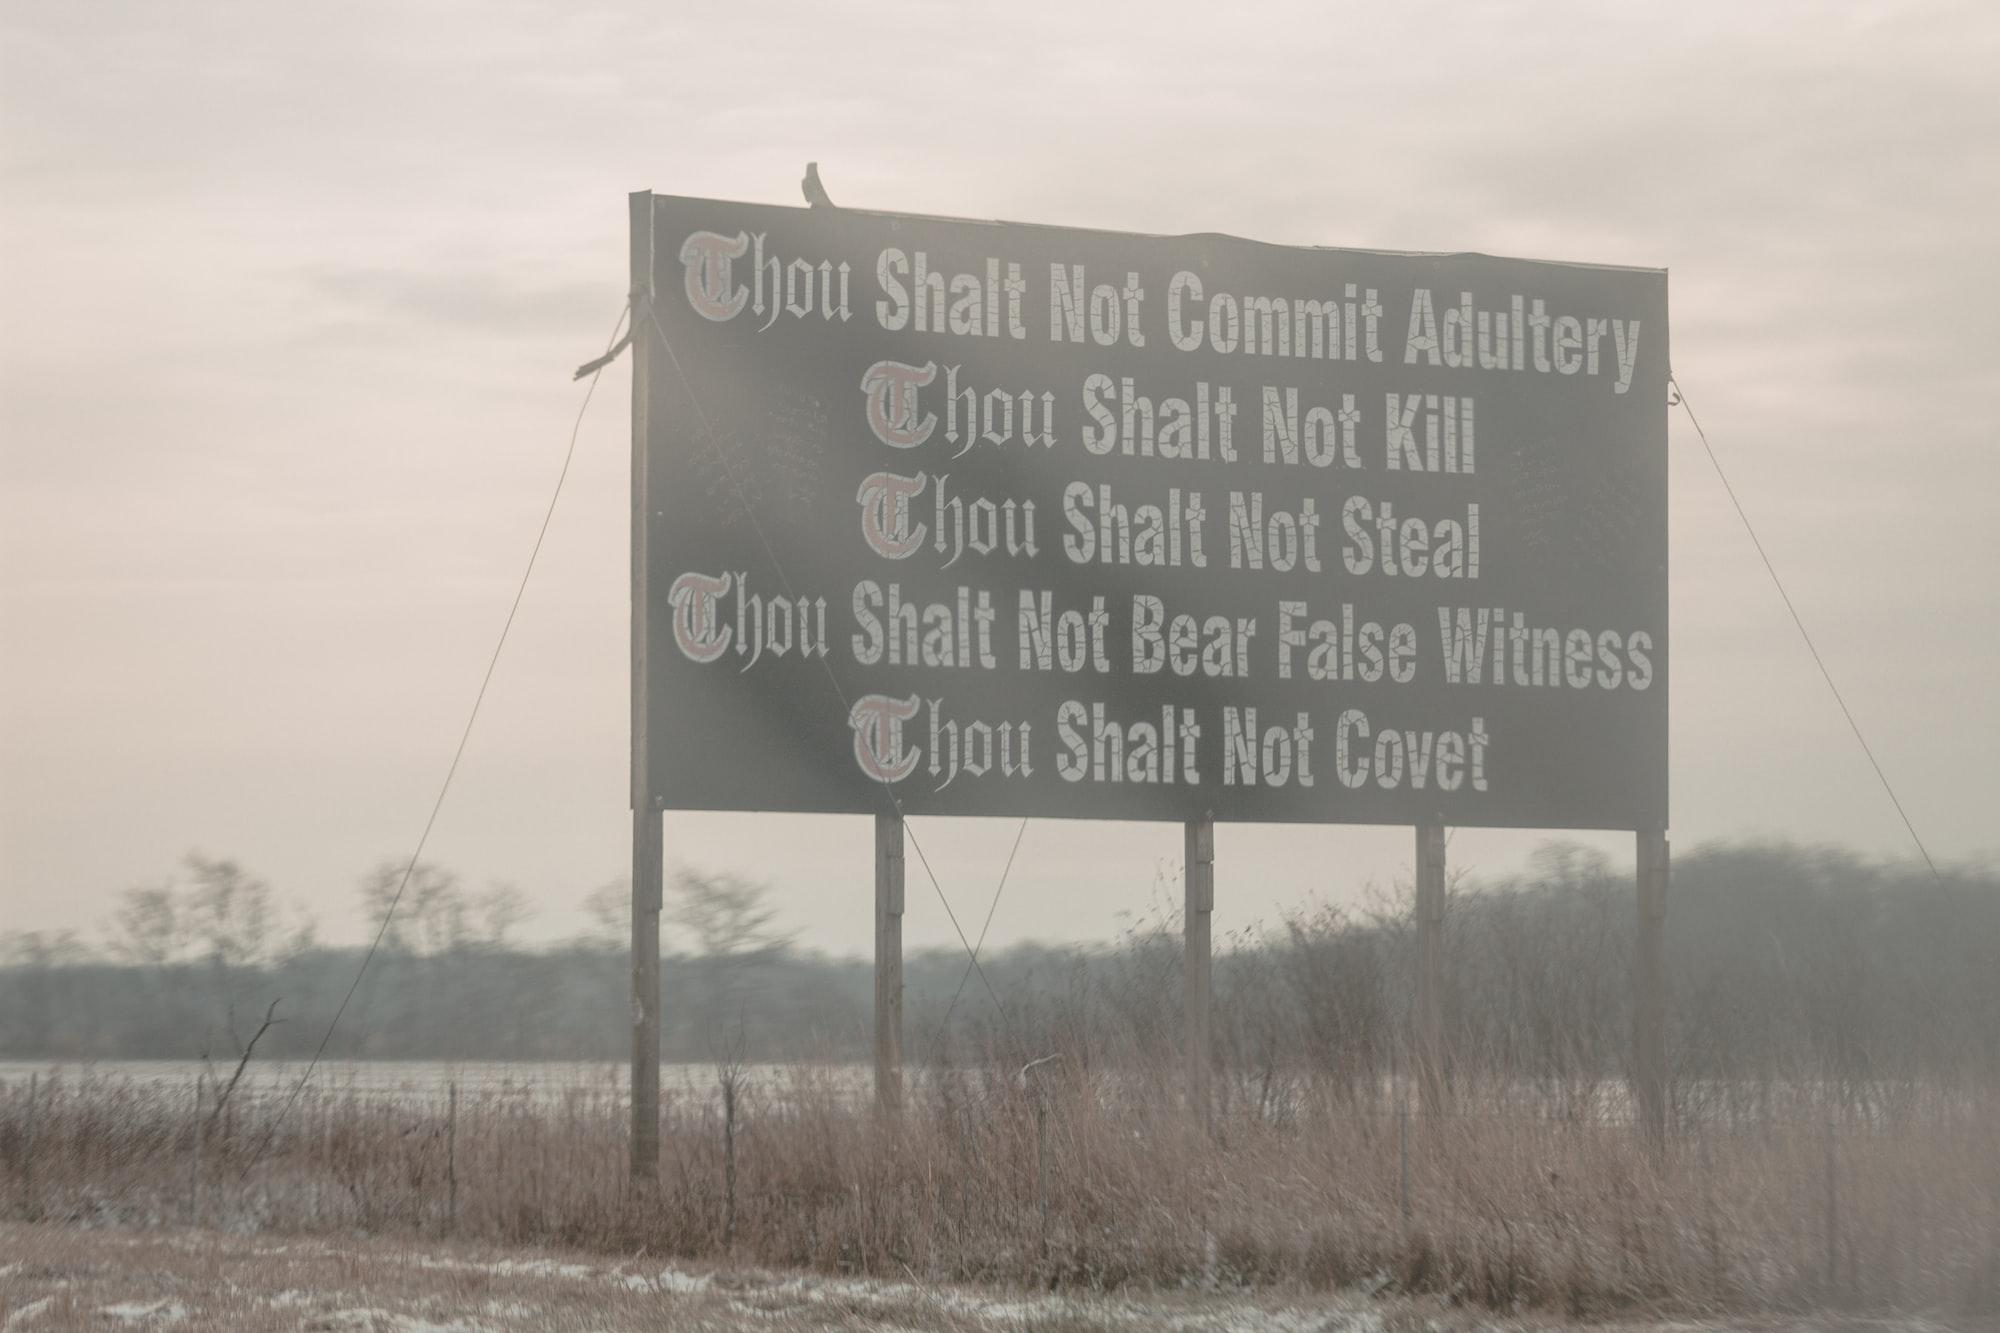 Roadside evangelism in Ohio.